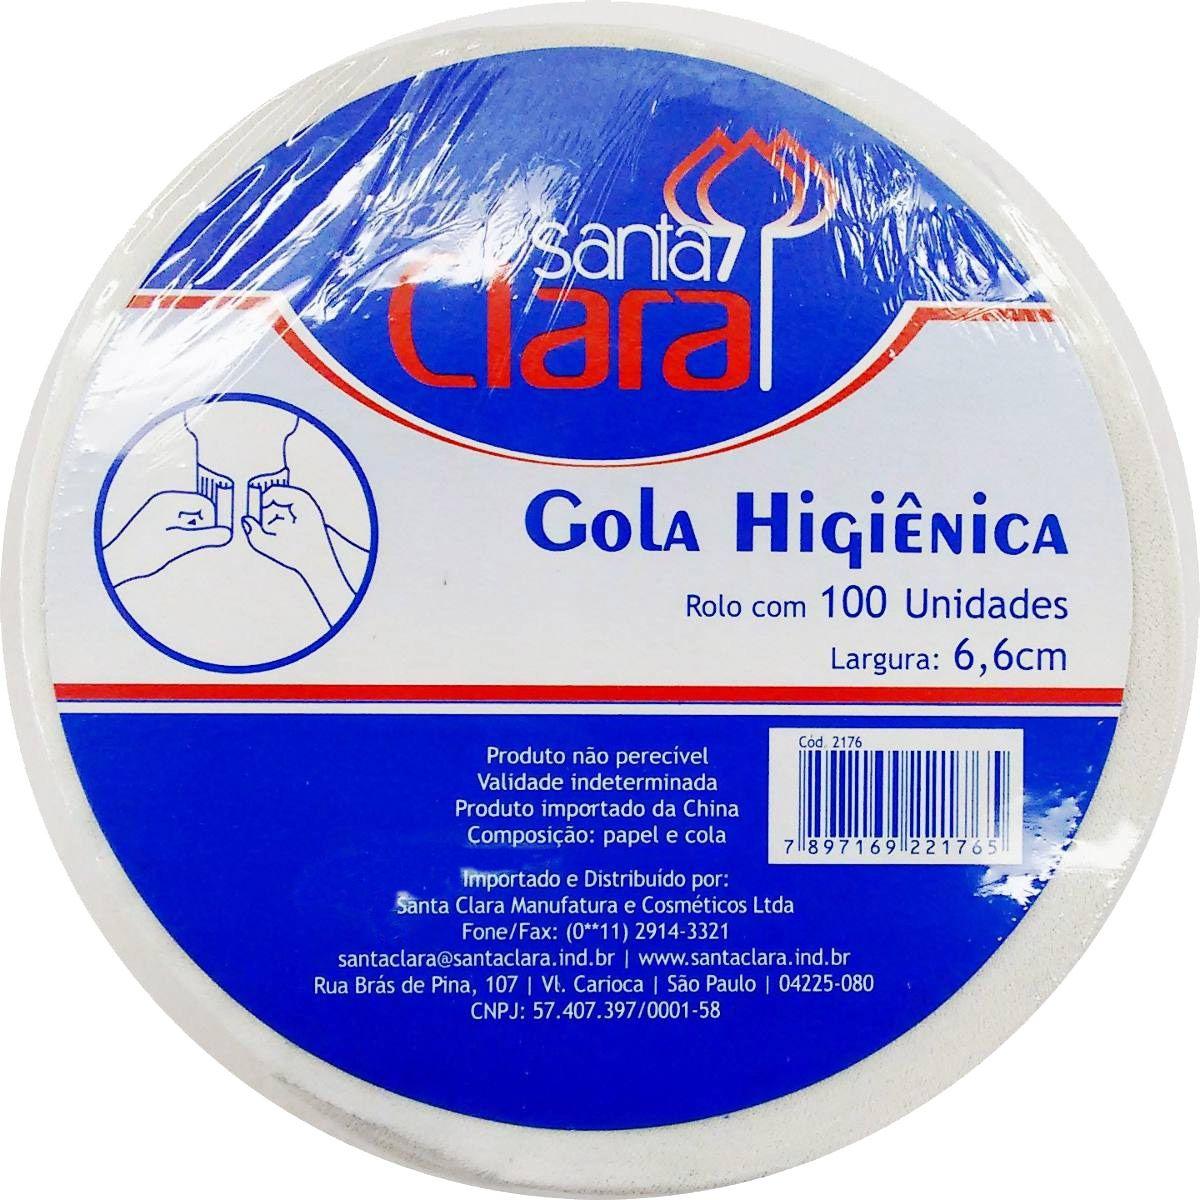 Gola Higienica Rolo com 100 unidades Santa Clara Salão